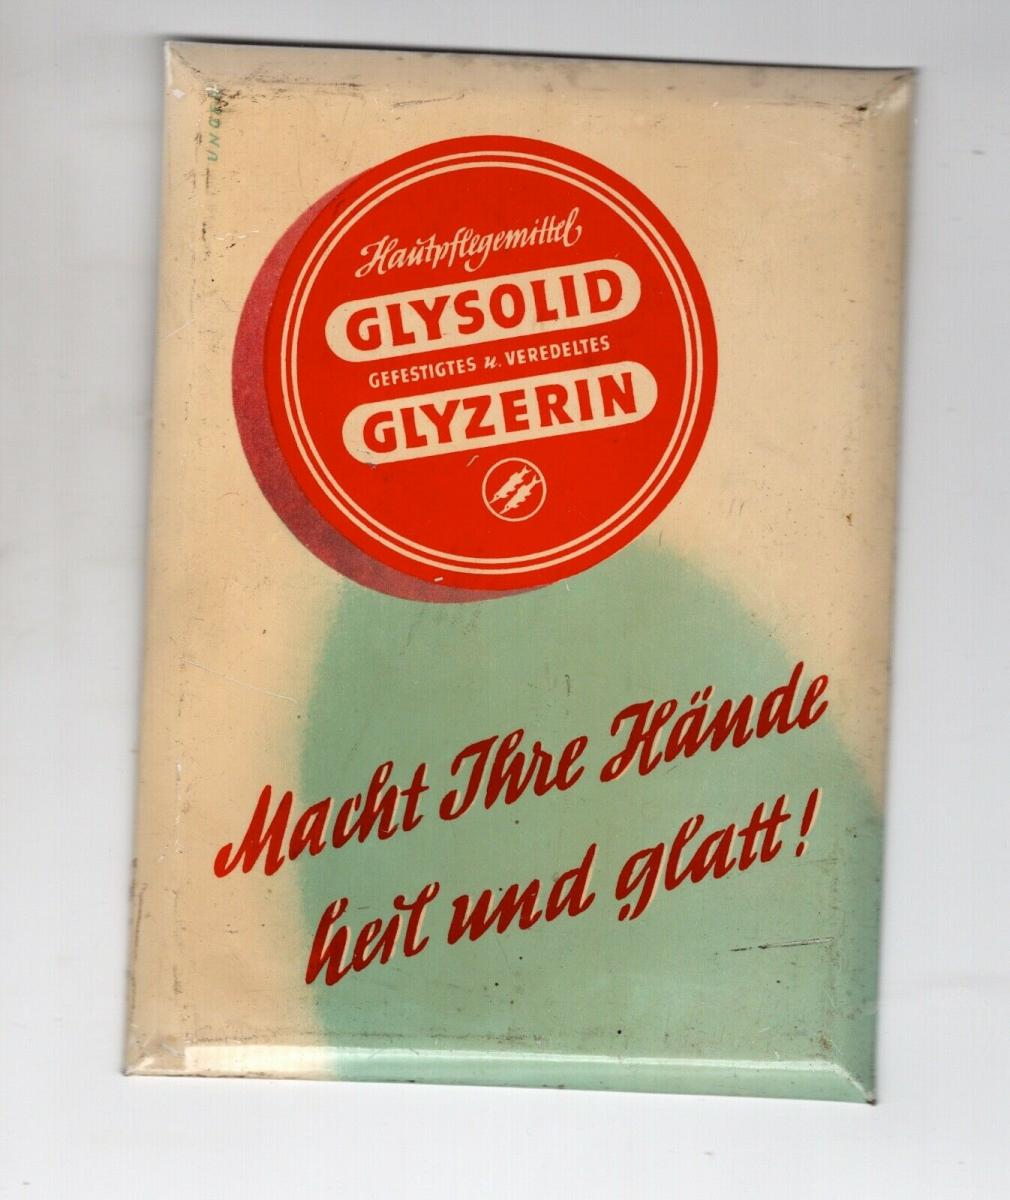 Alter kleiner Blech Reklame Theken Aufsteller Drogerie Glysolid Hautpflegemittel 0